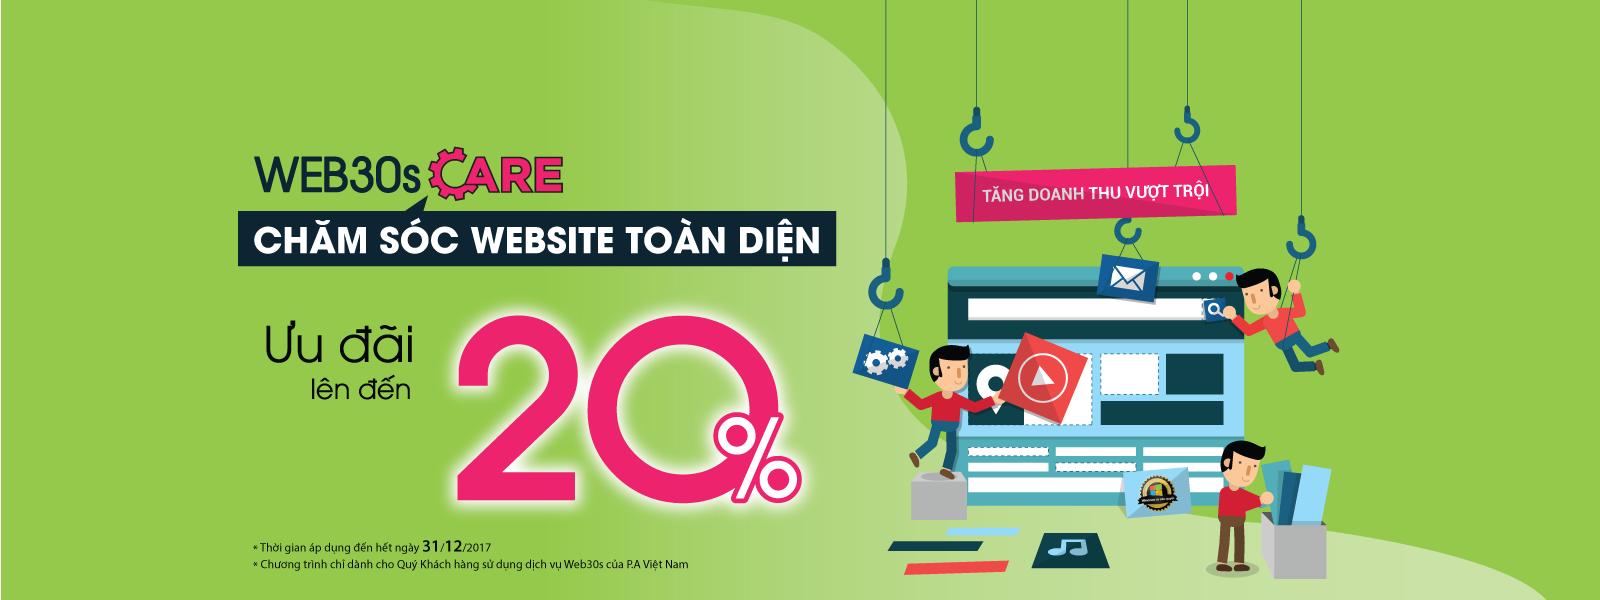 Web30sCare